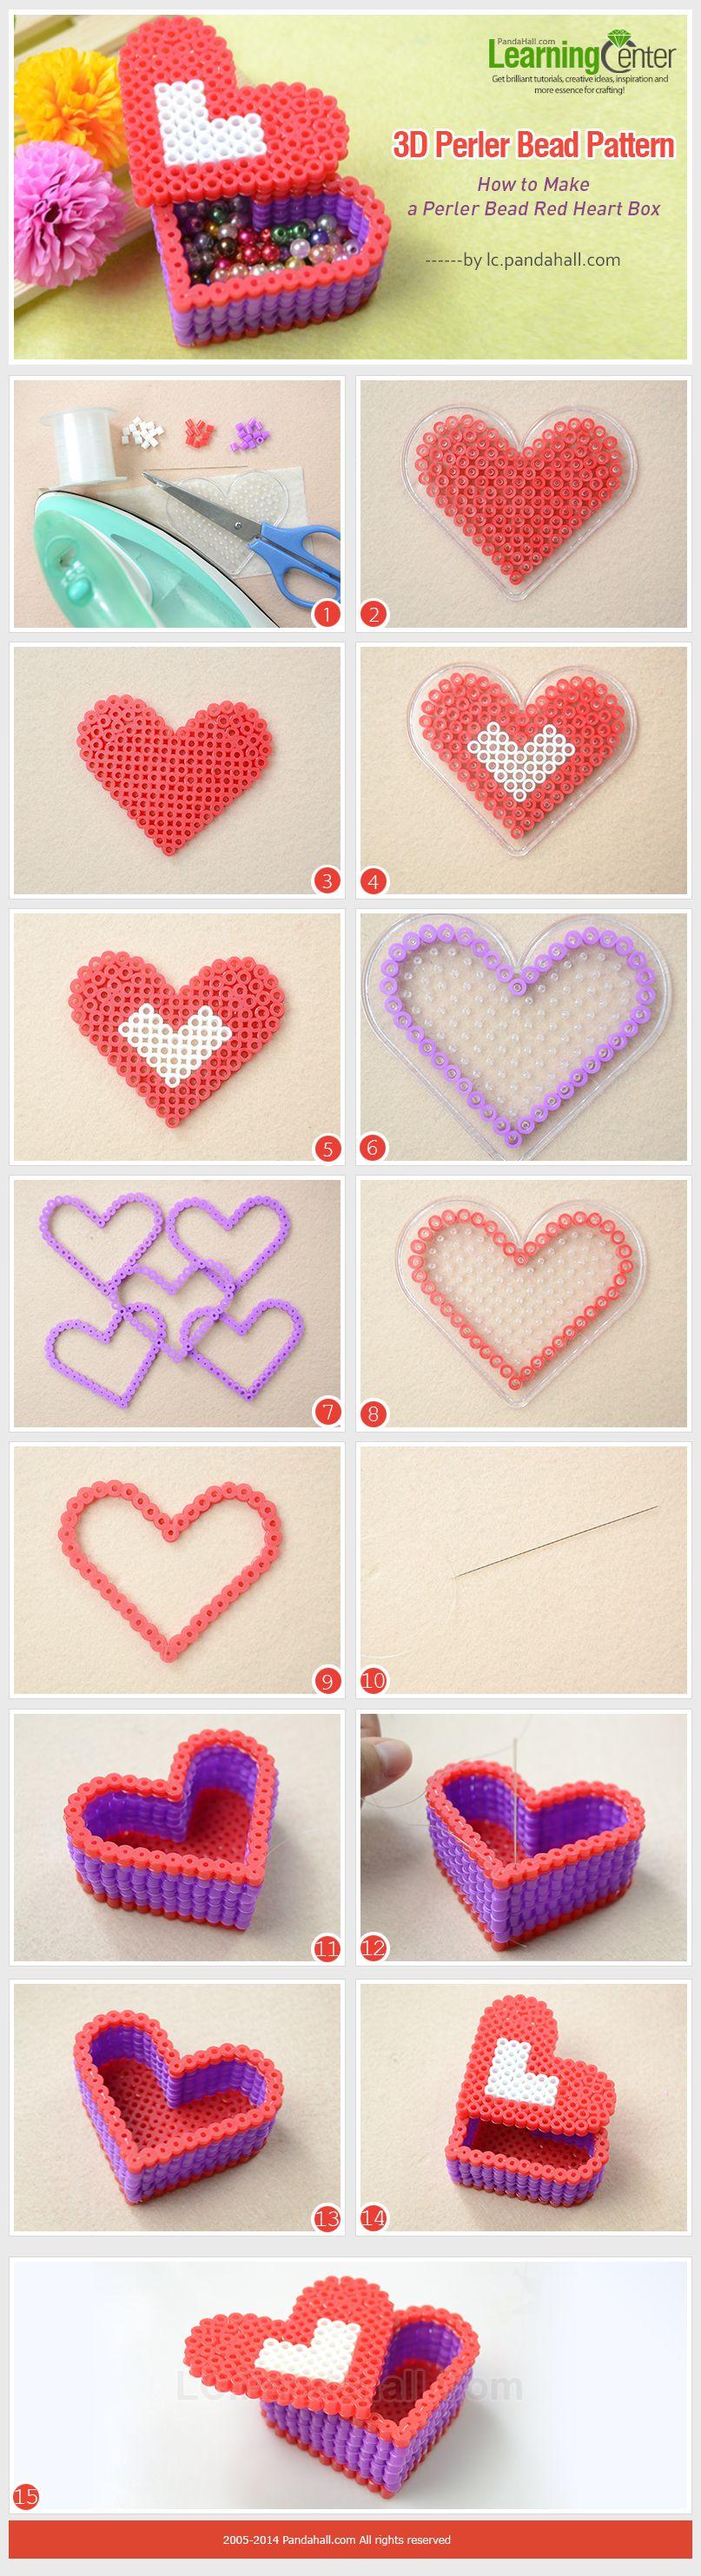 Kleine Geschenkdose Aus Perlen Vielleicht Zum Muttertag Oder Valentine 3d Perler Bead Pattern How To Mak Perler Beads Designs Diy Perler Beads 3d Perler Bead